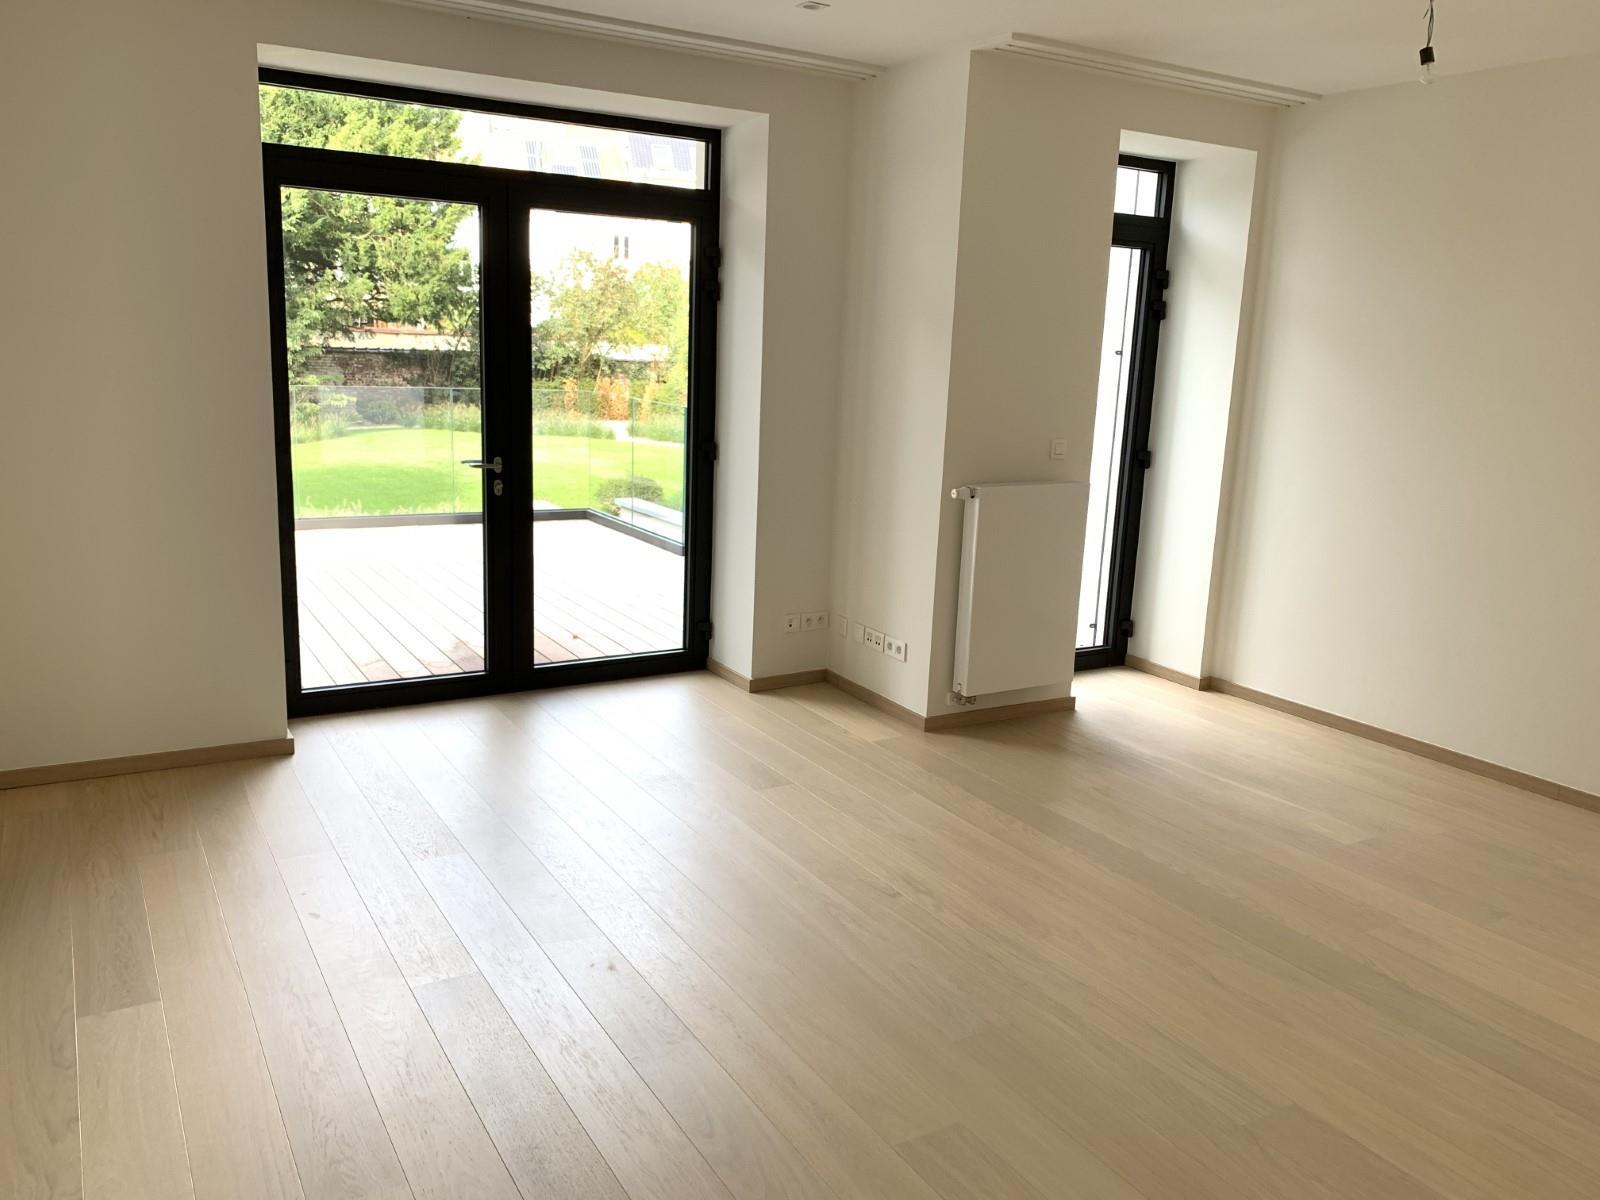 Appartement exceptionnel - Ixelles - #3915694-1